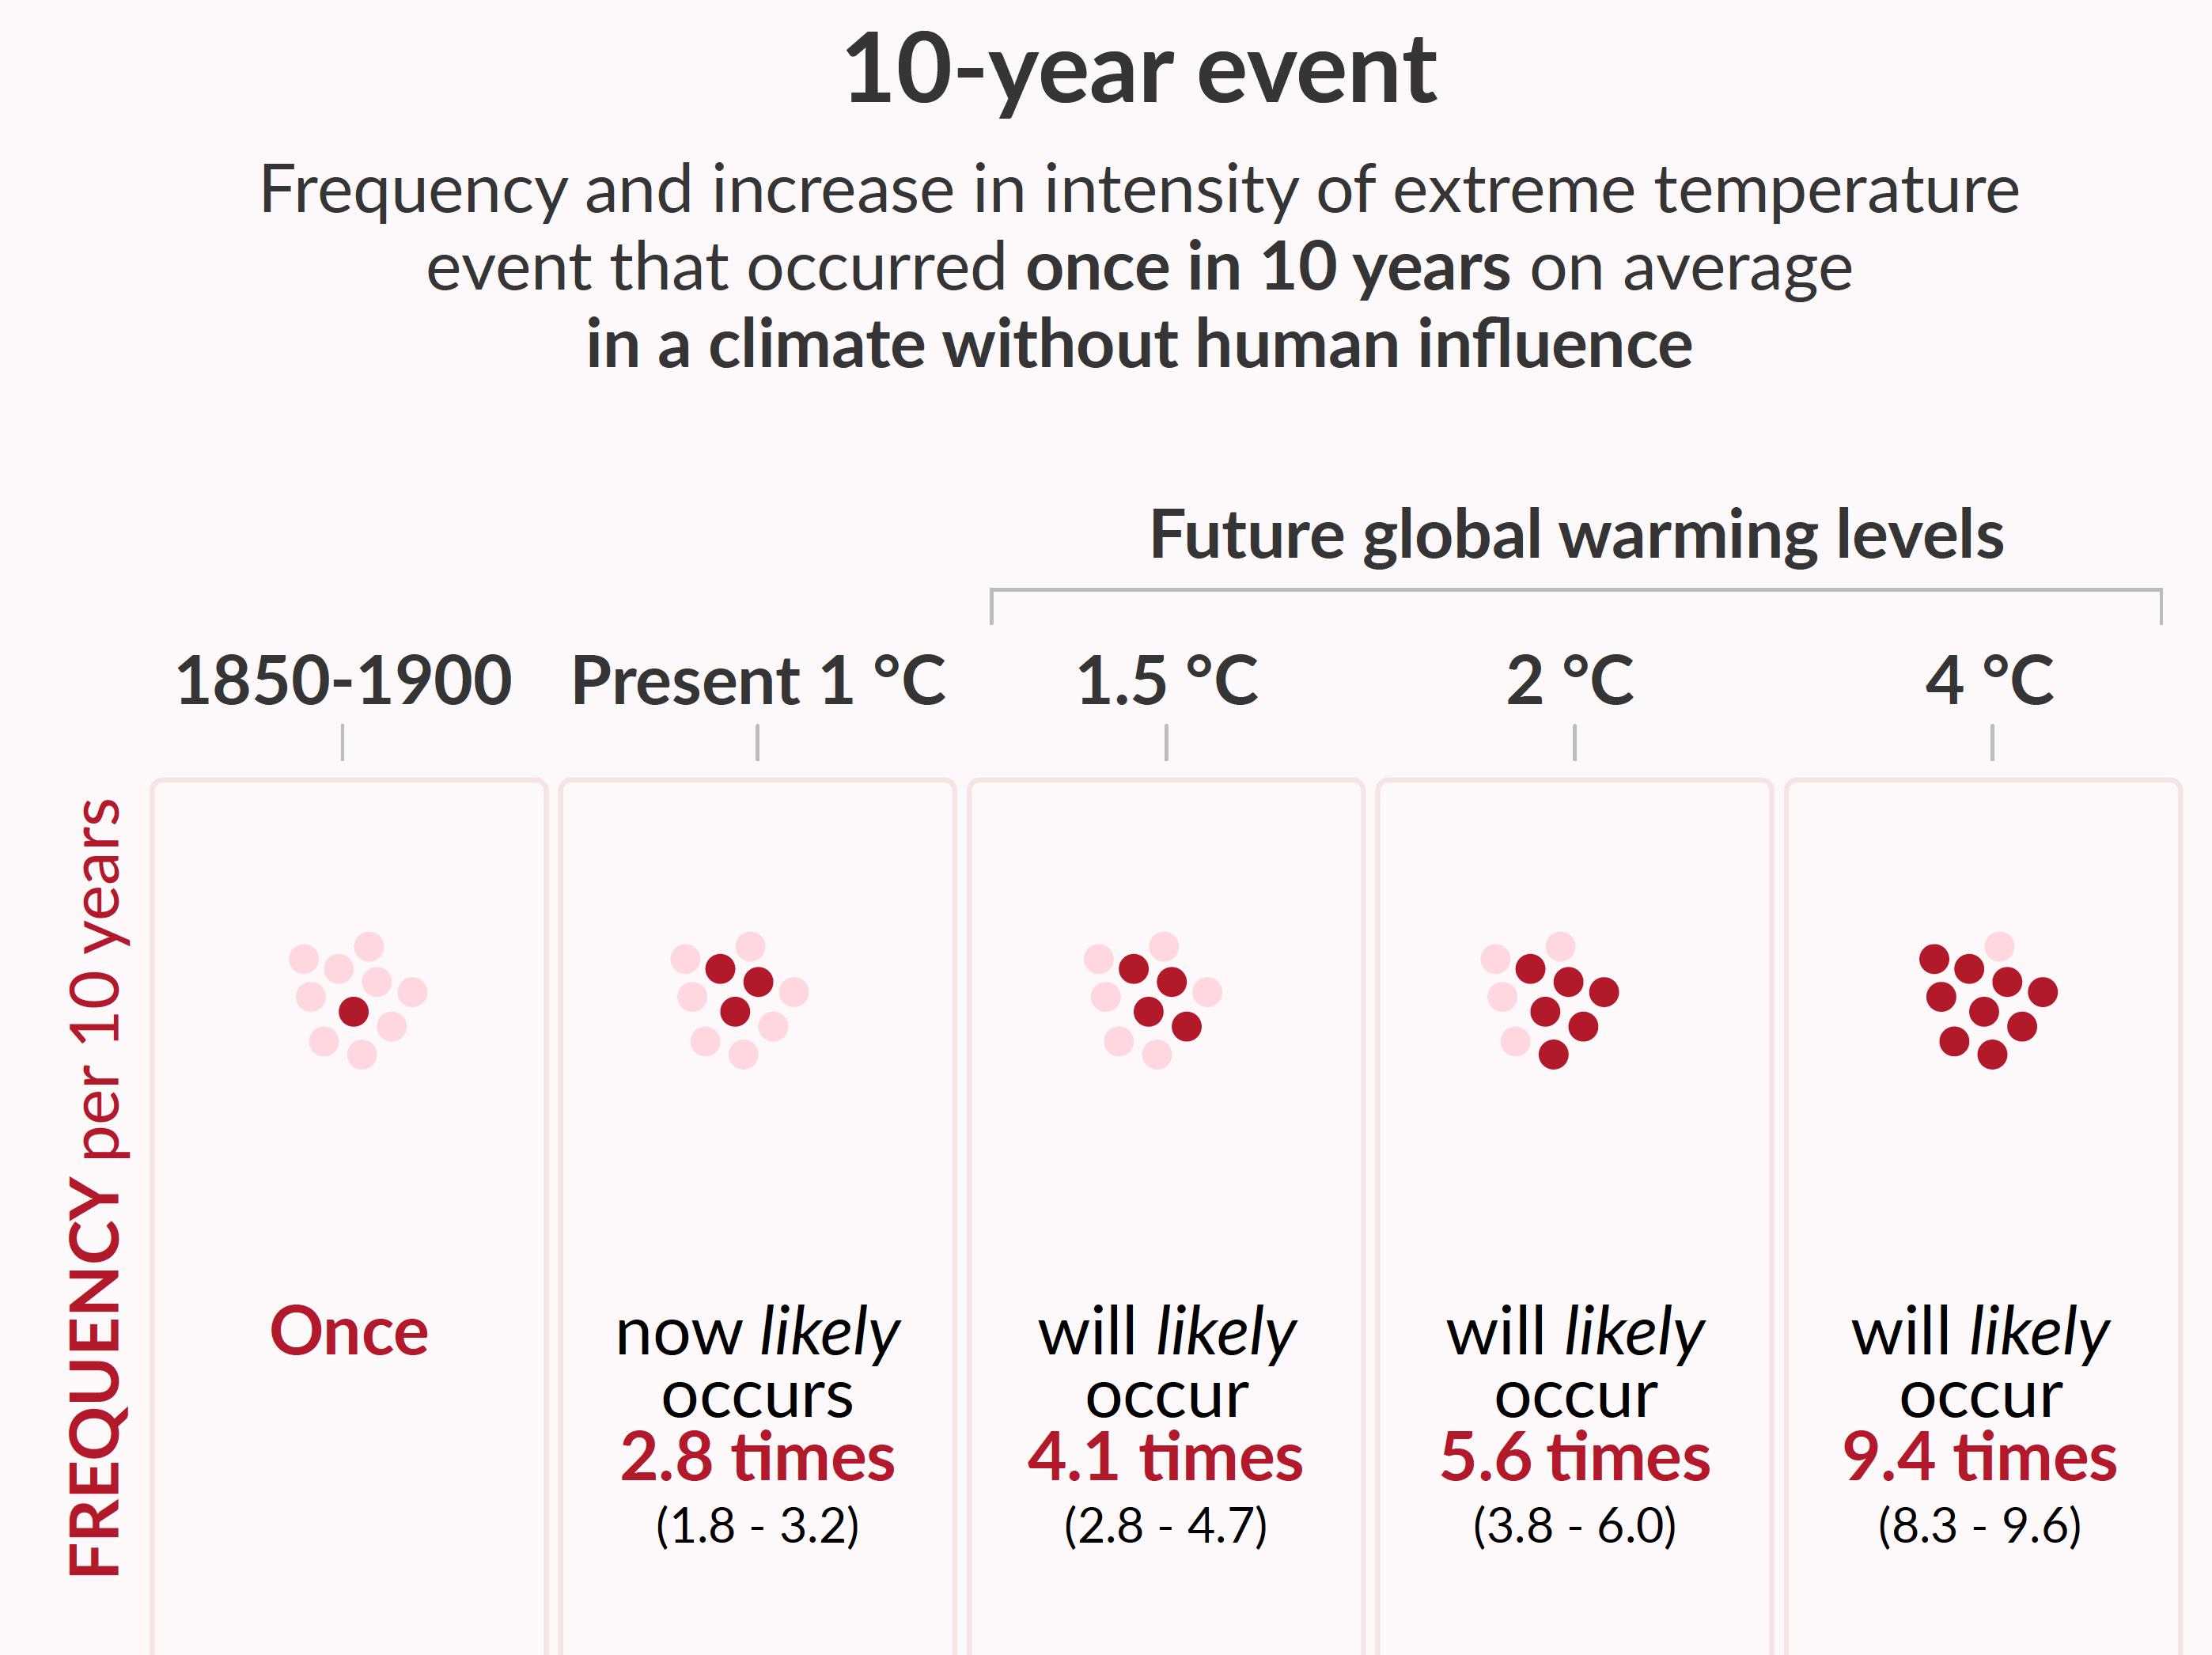 Hitzeextreme werden häufiger (IPCC (AR6), SPM-23)